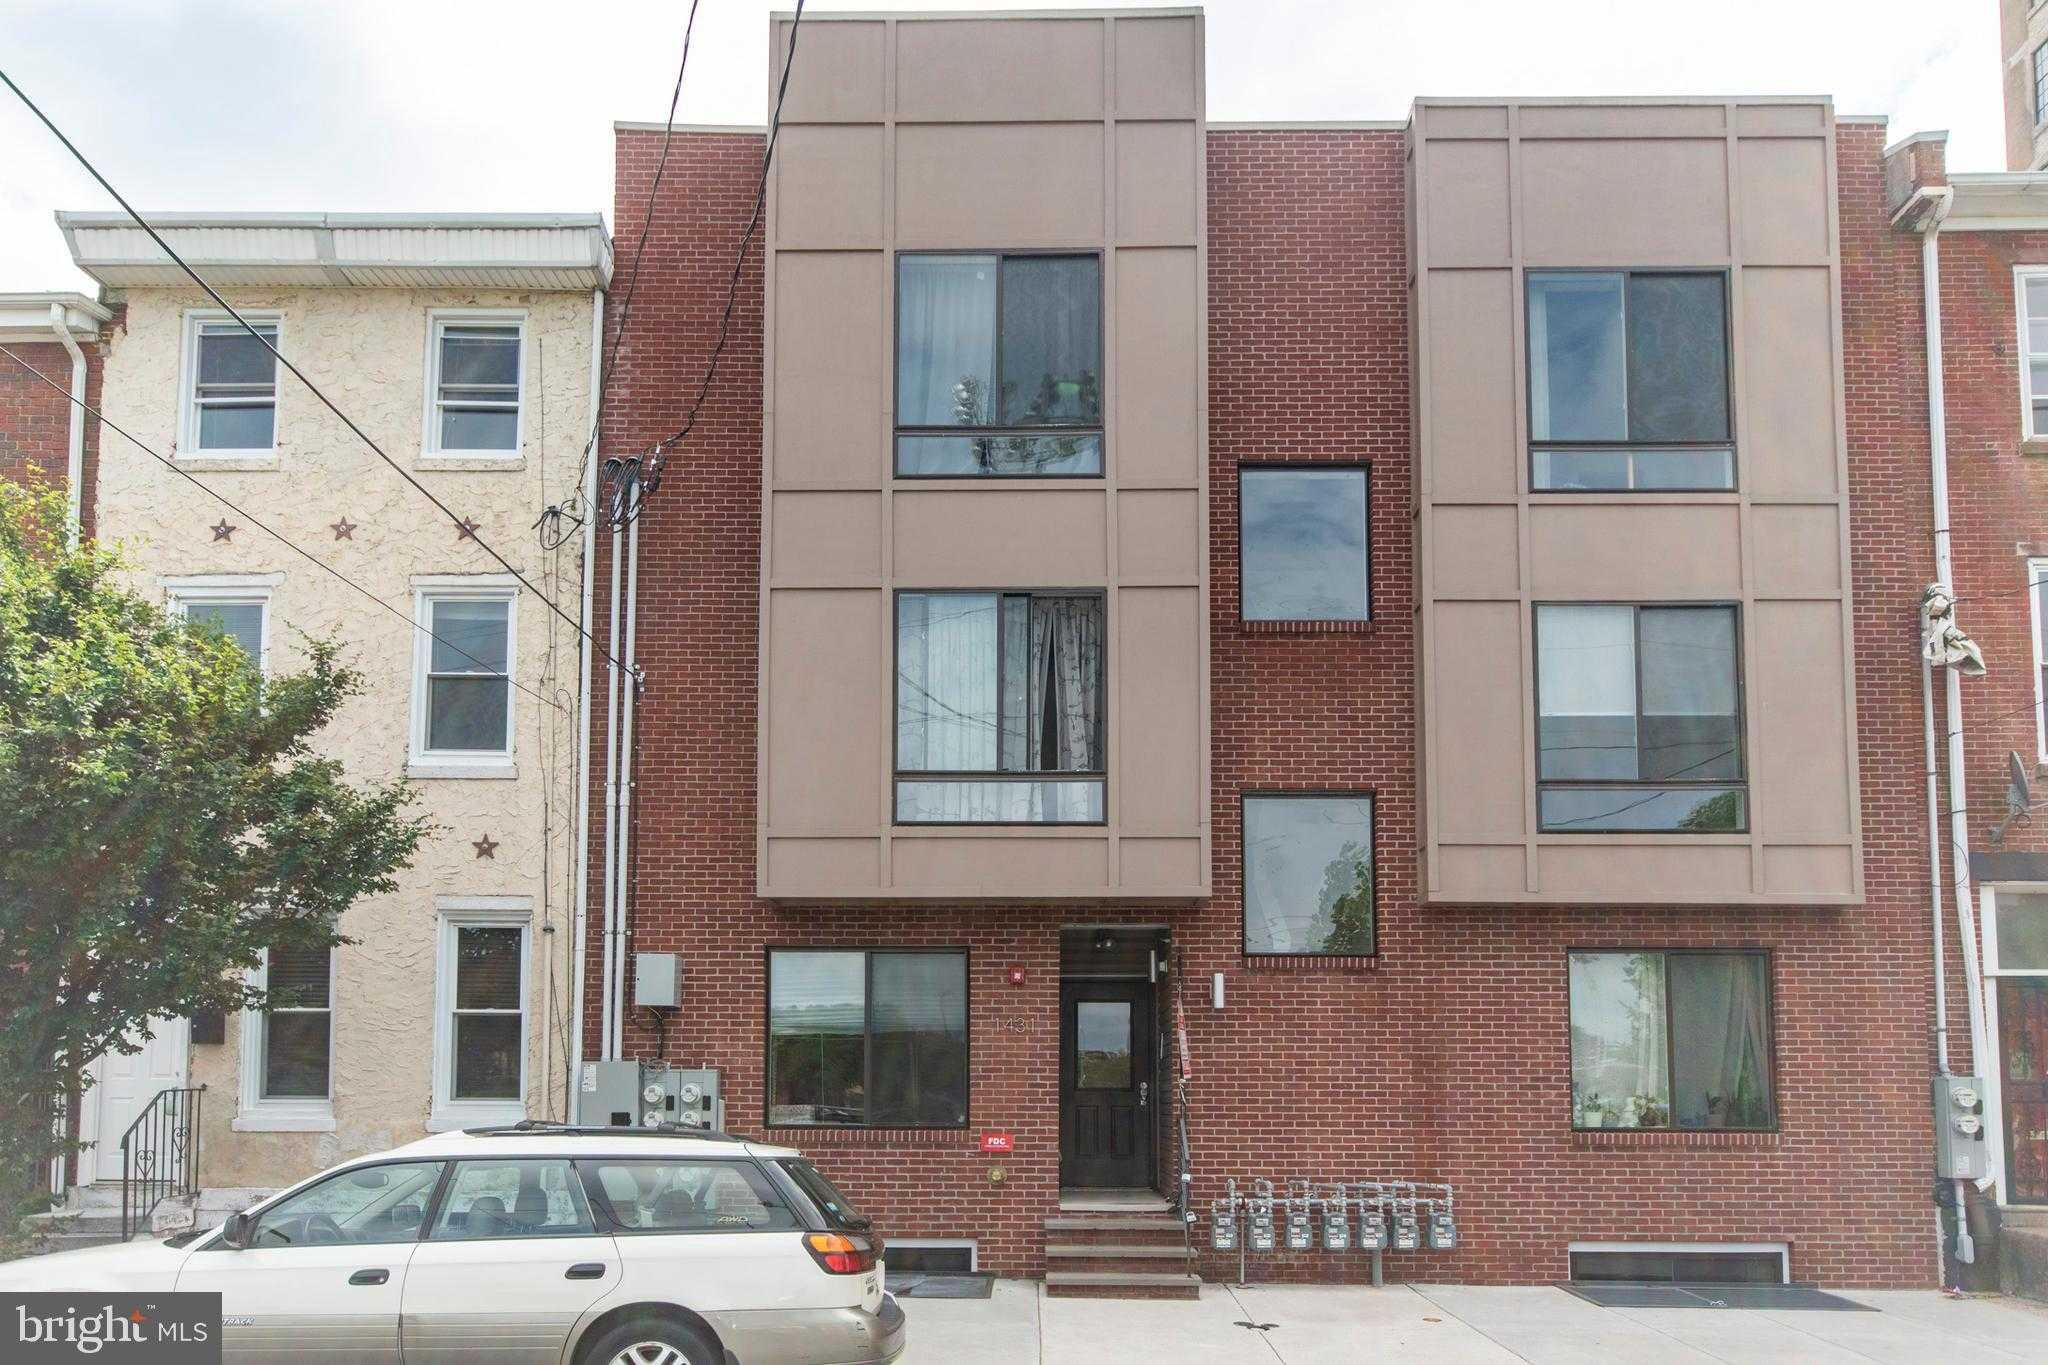 $350,000 - 3Br/2Ba -  for Sale in Old Kensington, Philadelphia